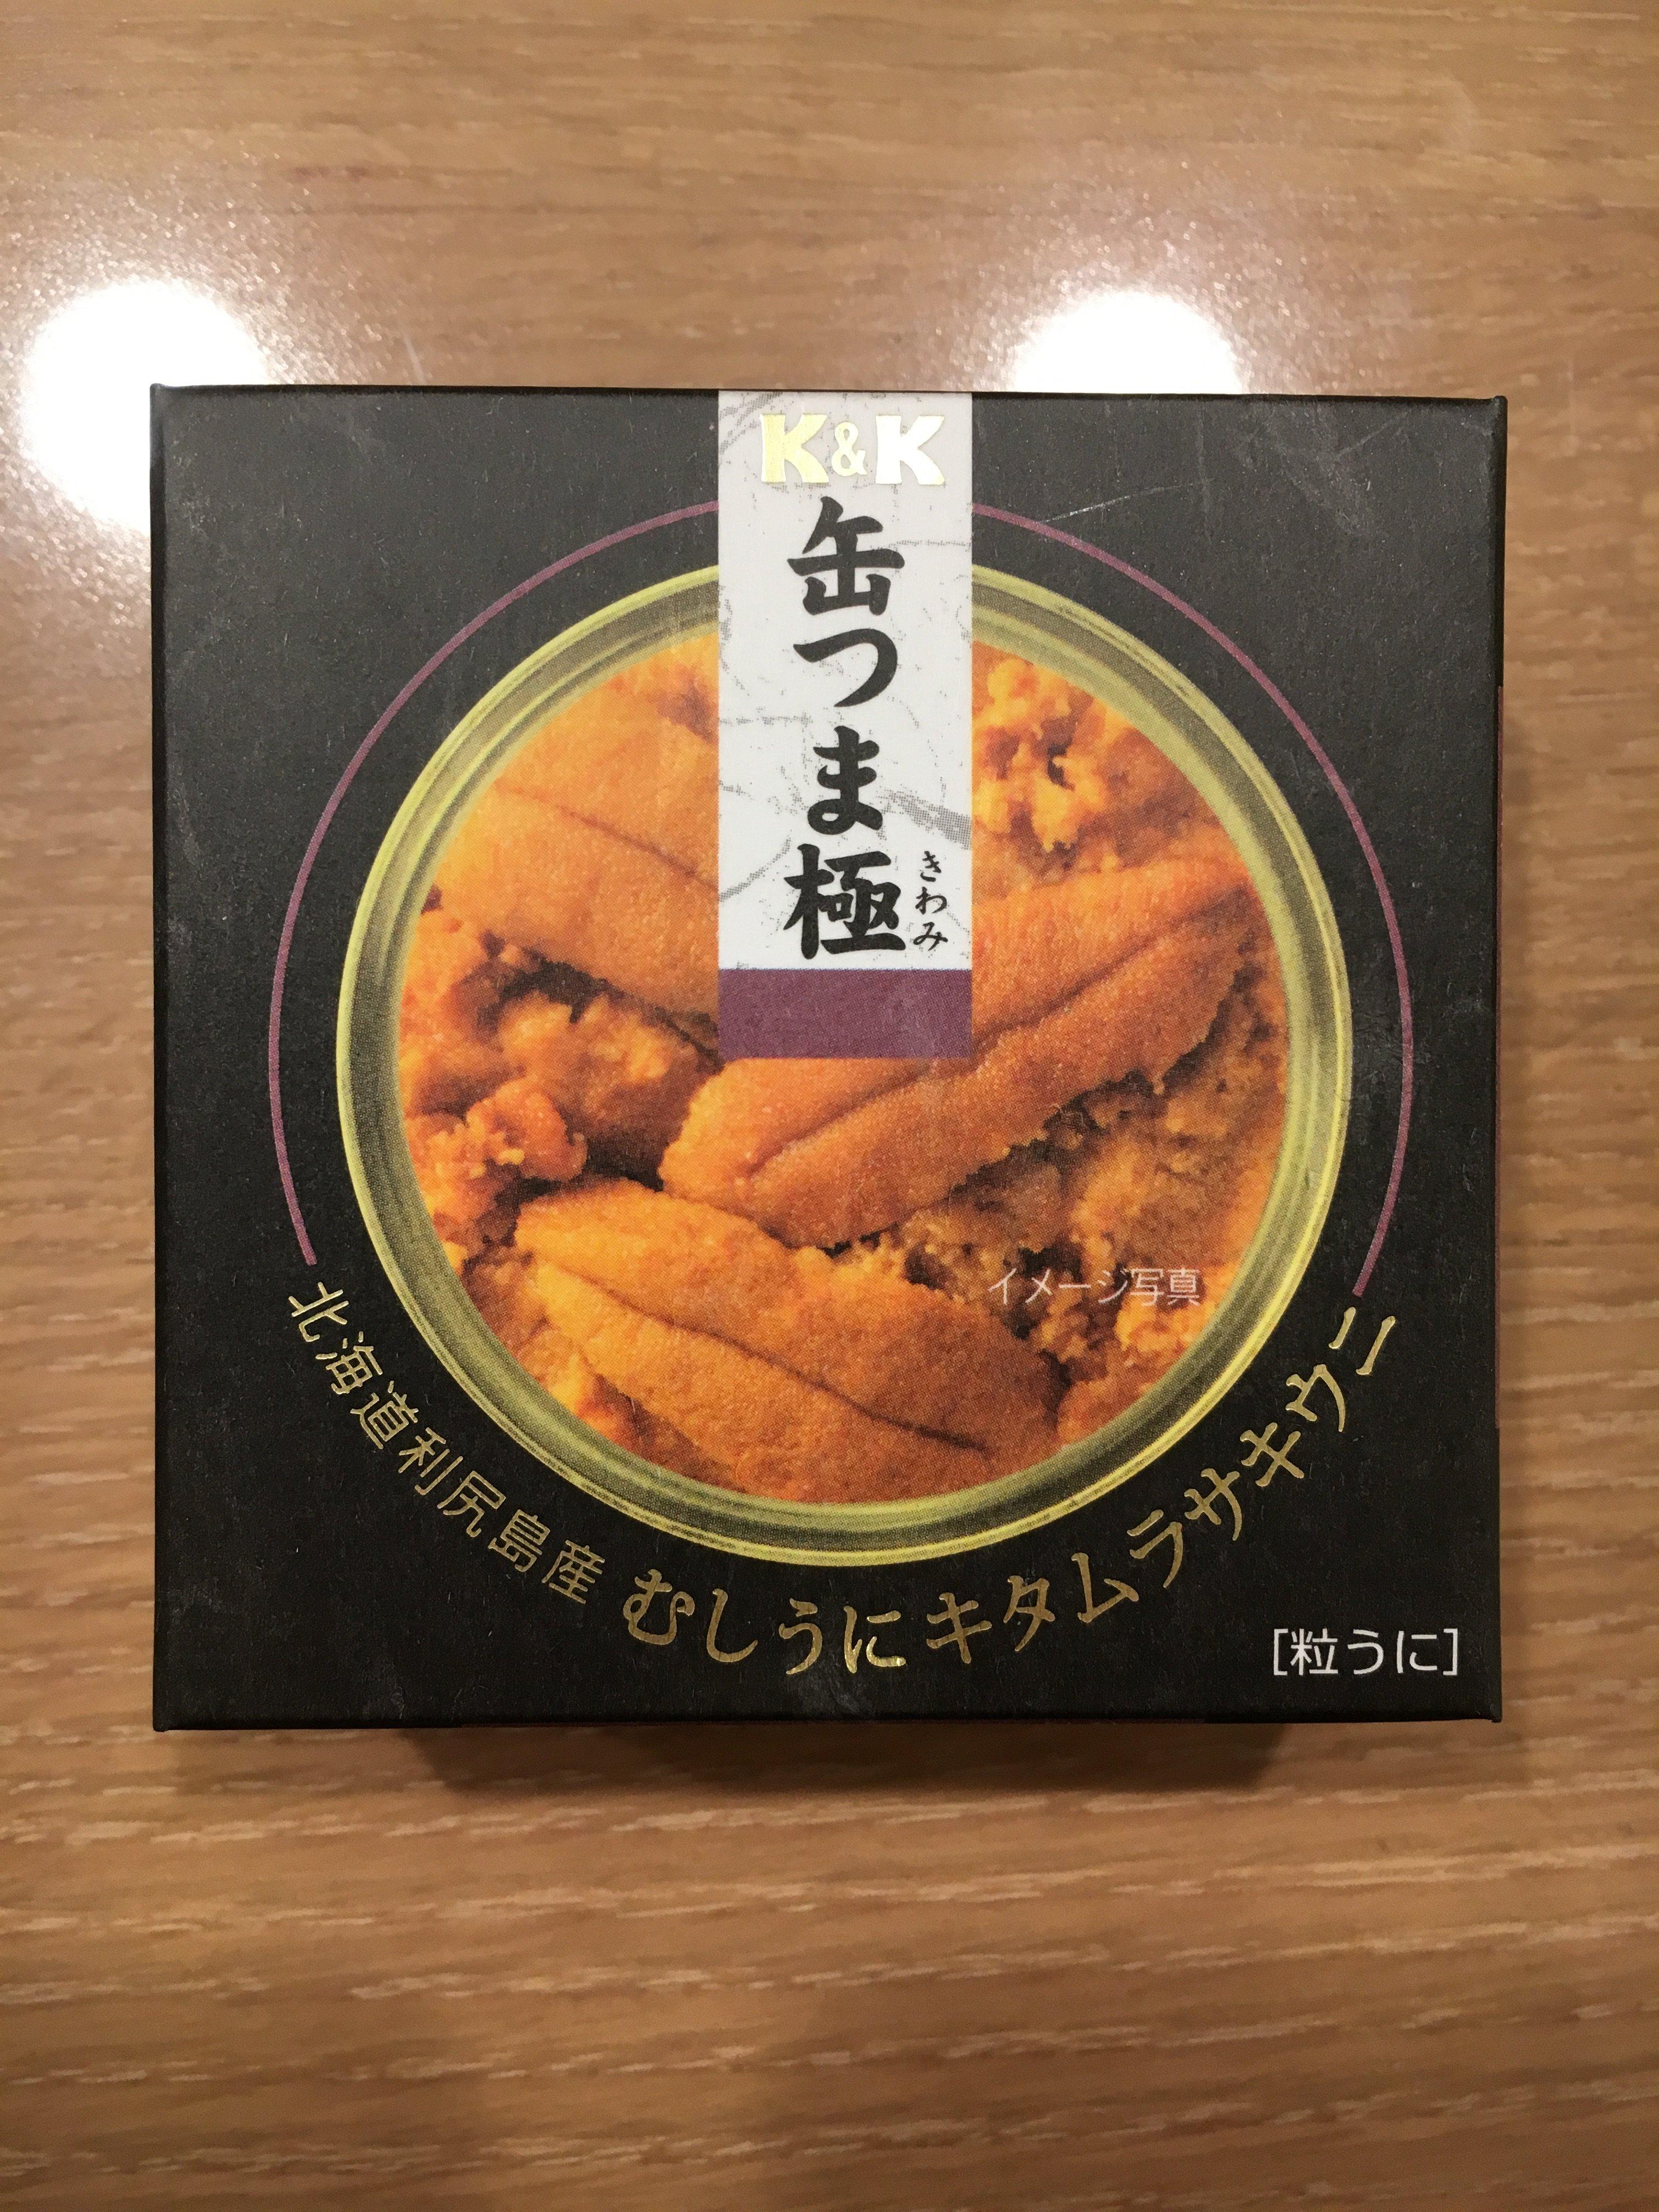 K&K 缶つま極 北海道利尻島むしうにキタムラサキウニ うますぎる